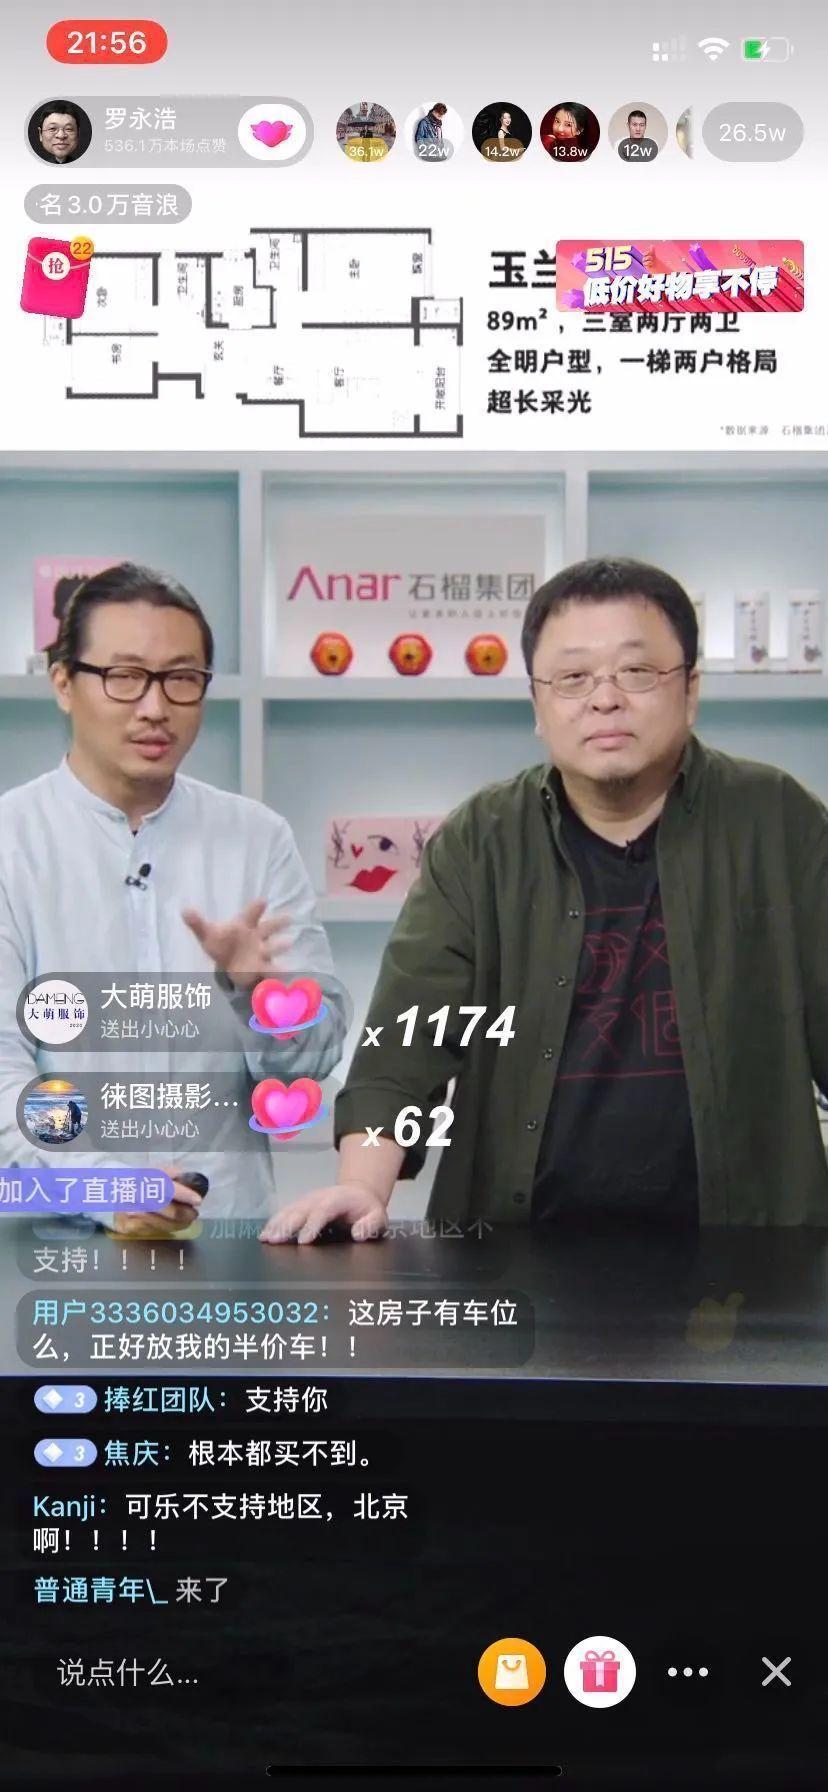 罗永浩开启卖房首秀,直播卖房真的有人买单吗?-第9张图片-周小辉<a href='http://www.zhouxiaohui.cn/duanshipin/ '>短视频</a>培训博客